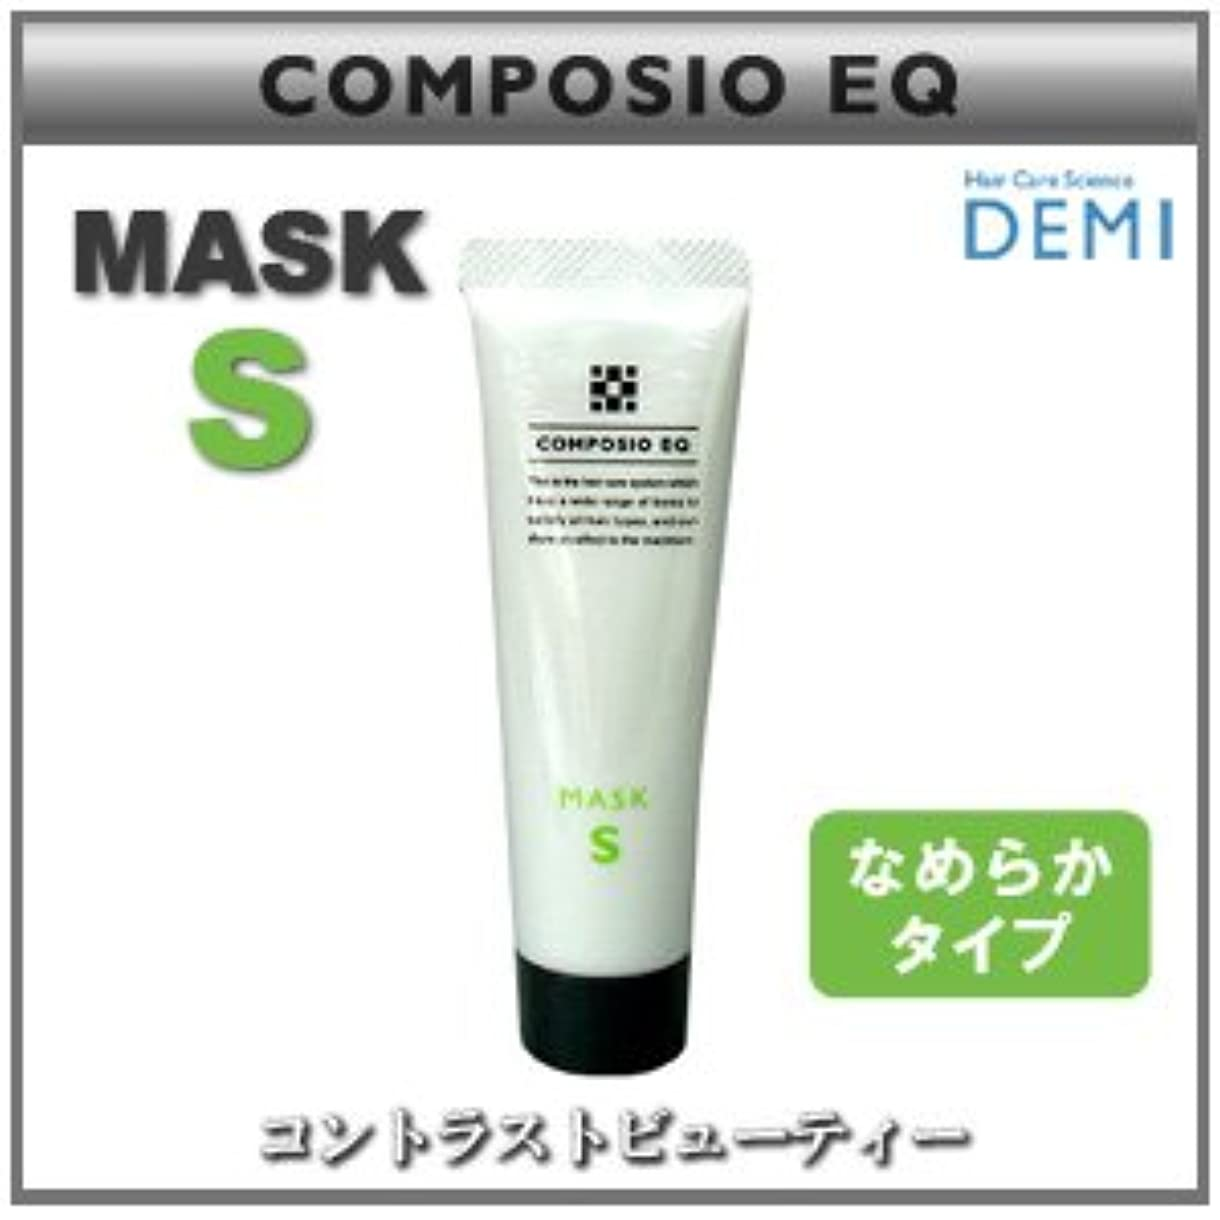 震え寄託追放する【X4個セット】 デミ コンポジオ EQ マスク S 50g